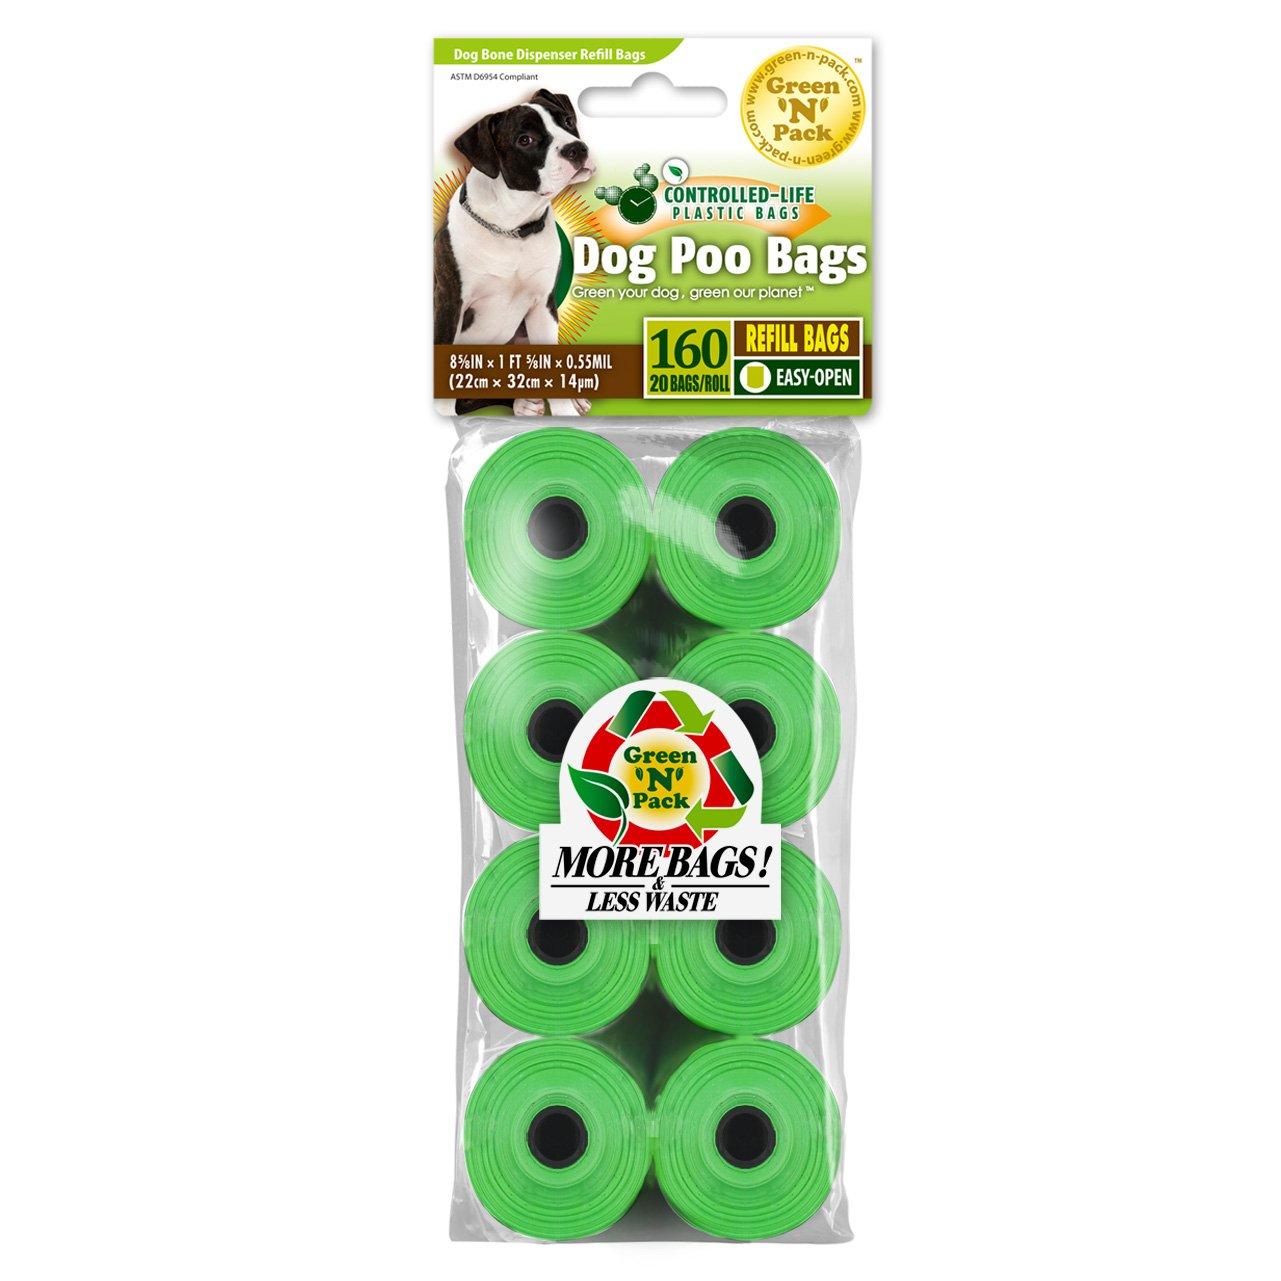 澳大利亚垃场n'_绿色\'n\' 装宠物垃圾袋,狗狗垃圾袋,粪便袋批量购买